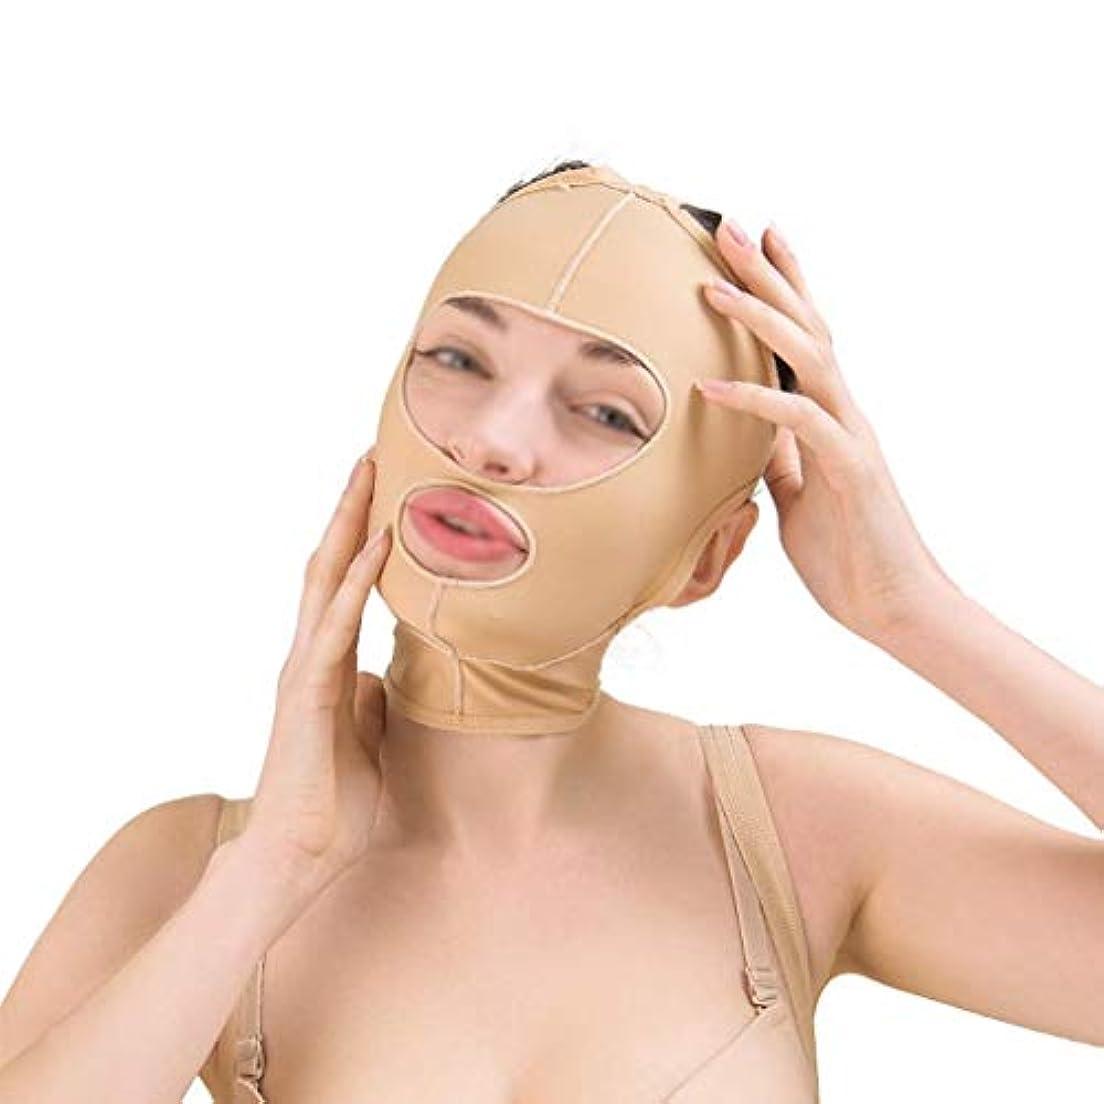 水を飲む甘い性格美容フェイスリフト減量ベルト、ほおスリムフィット、通気性フェイスリフト、引き締め、リフティング包帯、フェイシャルスキン包帯(サイズ:M),XL